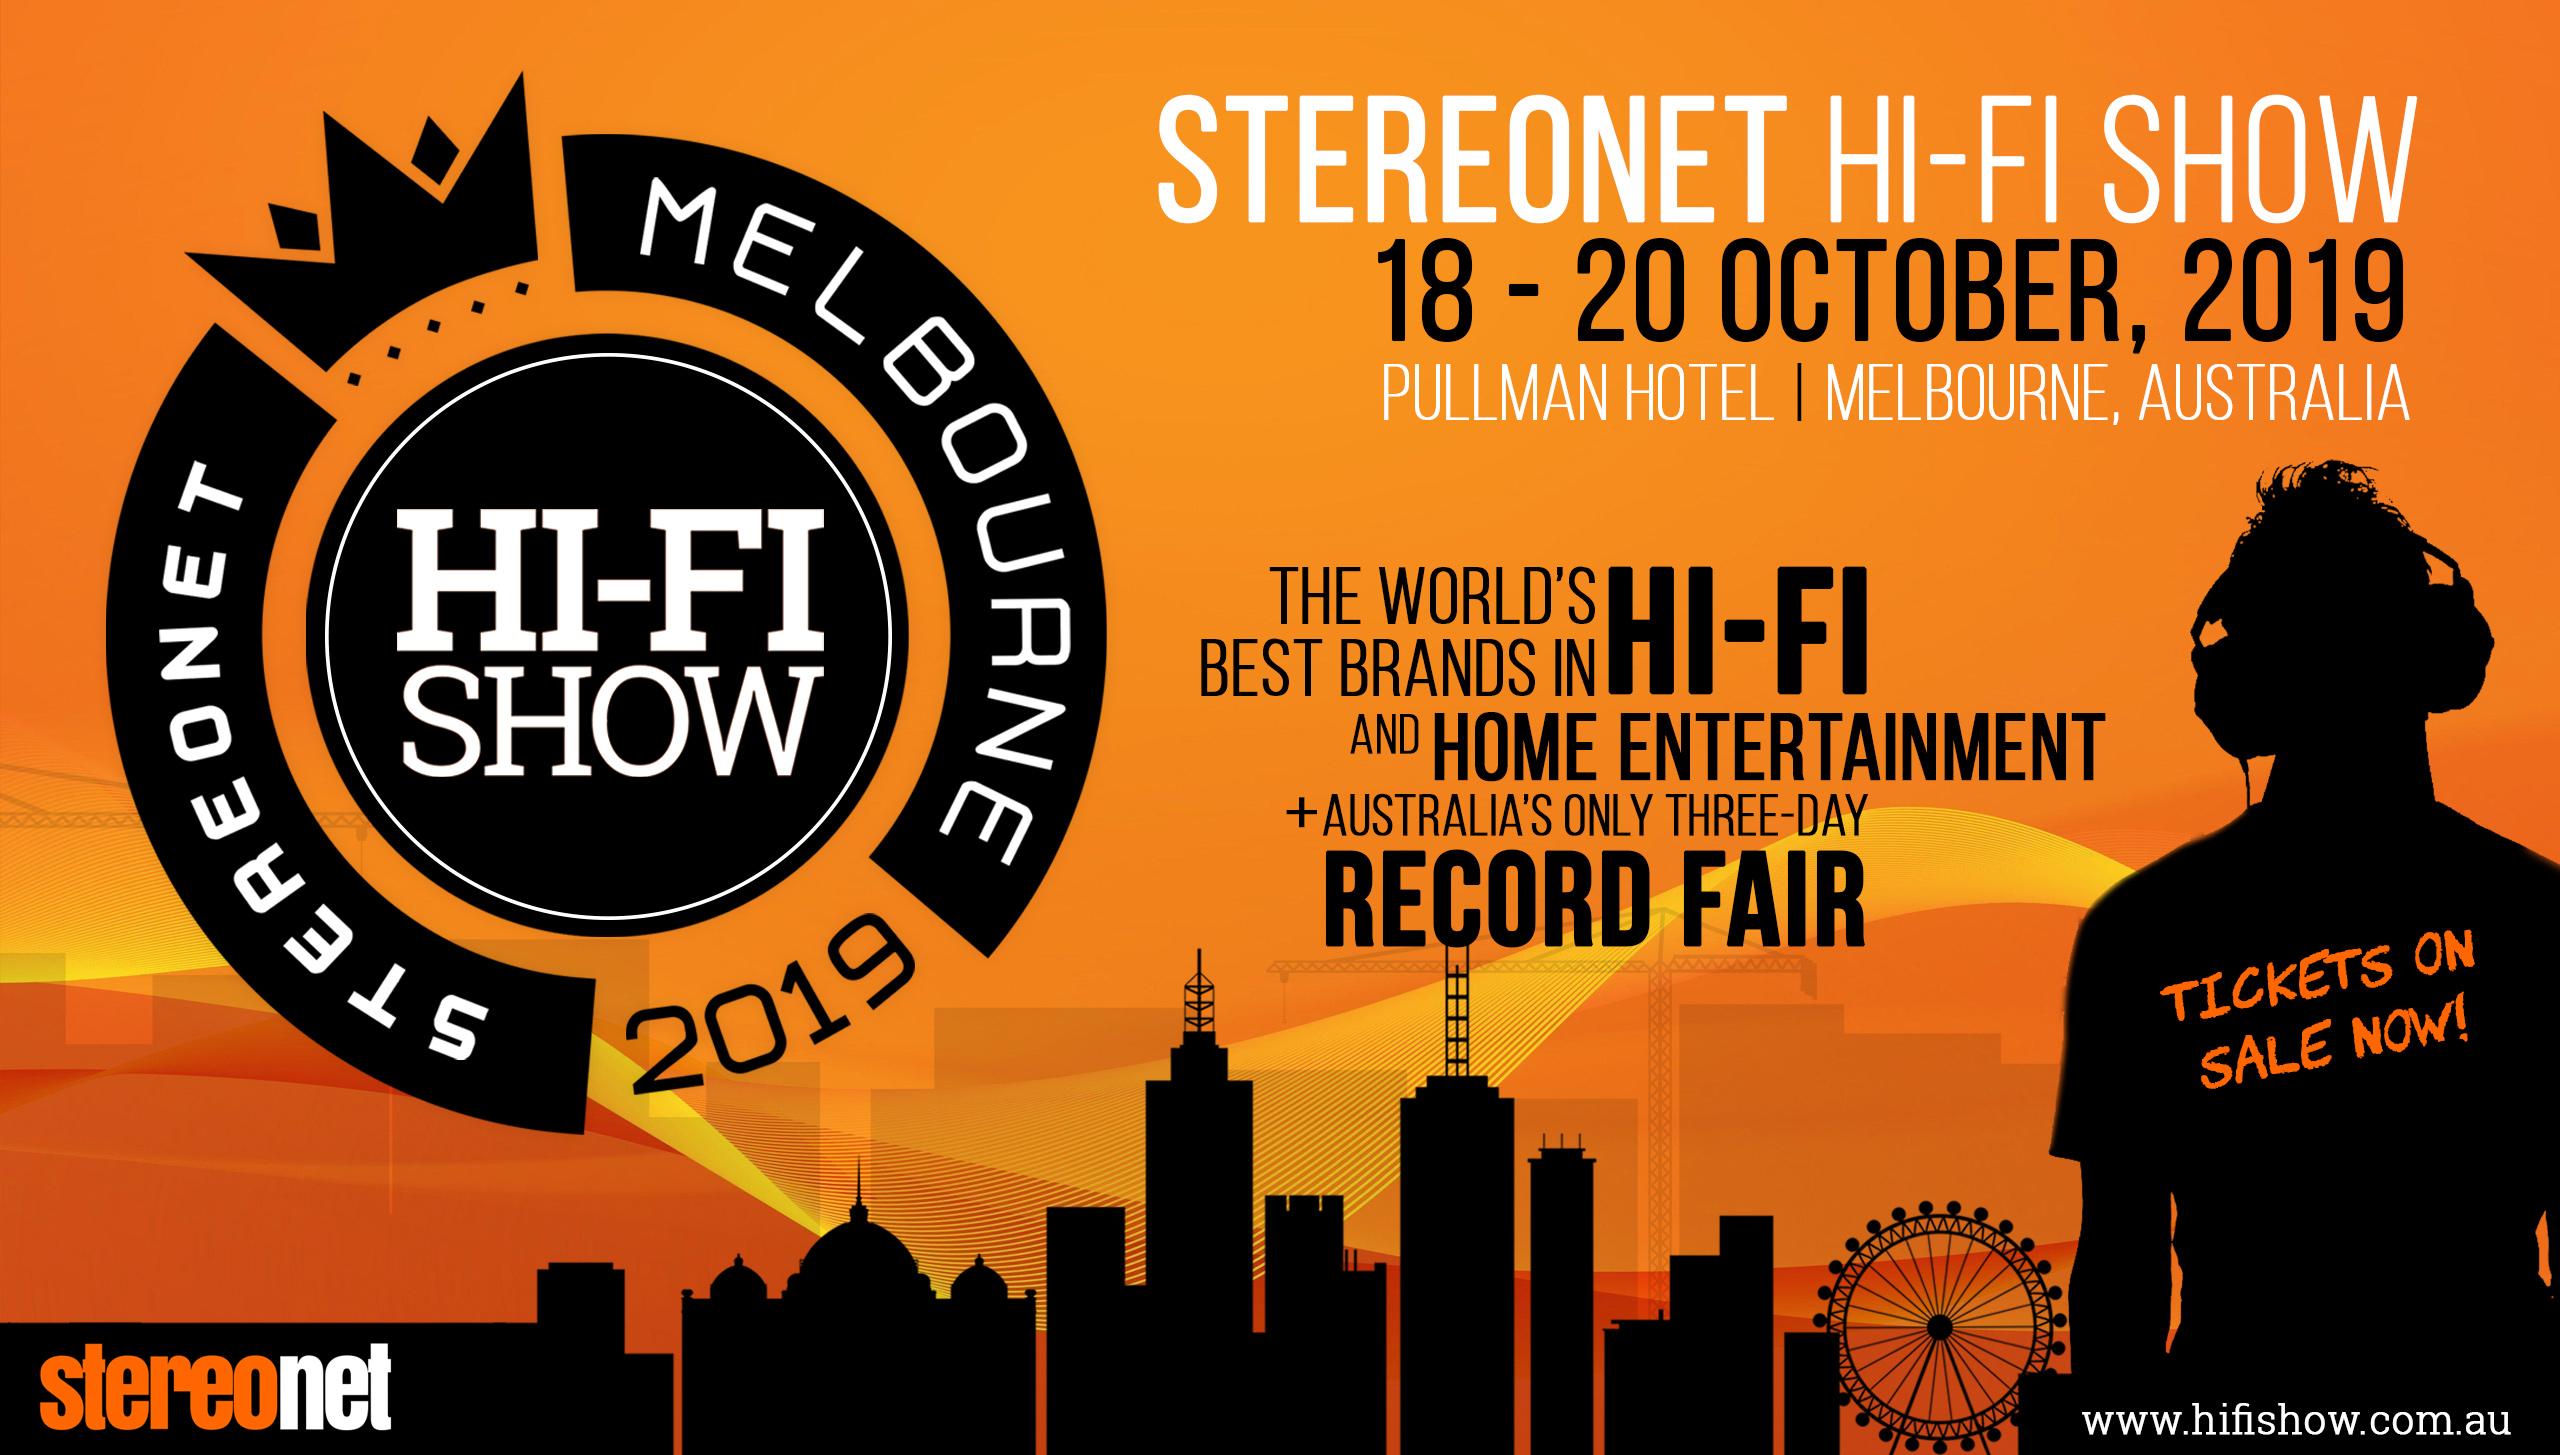 2019 Australian Hi-Fi Show, Melbourne